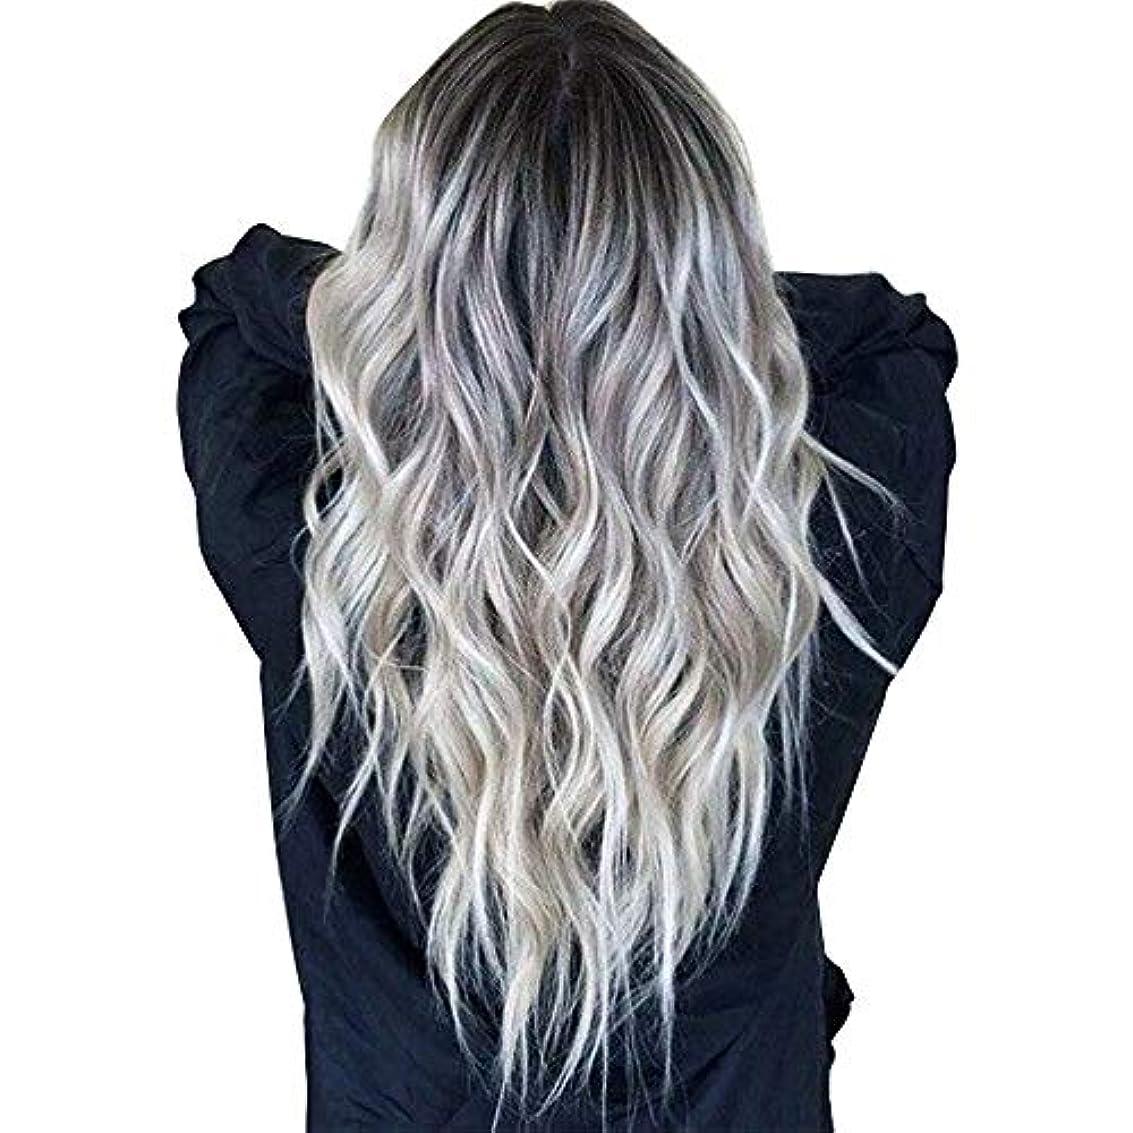 教えるアライメント糸ウィッグキャップかつらで長いファンシードレスカールウィッグ高品質の人工毛髪コスプレ高密度ウィッグ女性と女の子のためのかつら27.5インチv